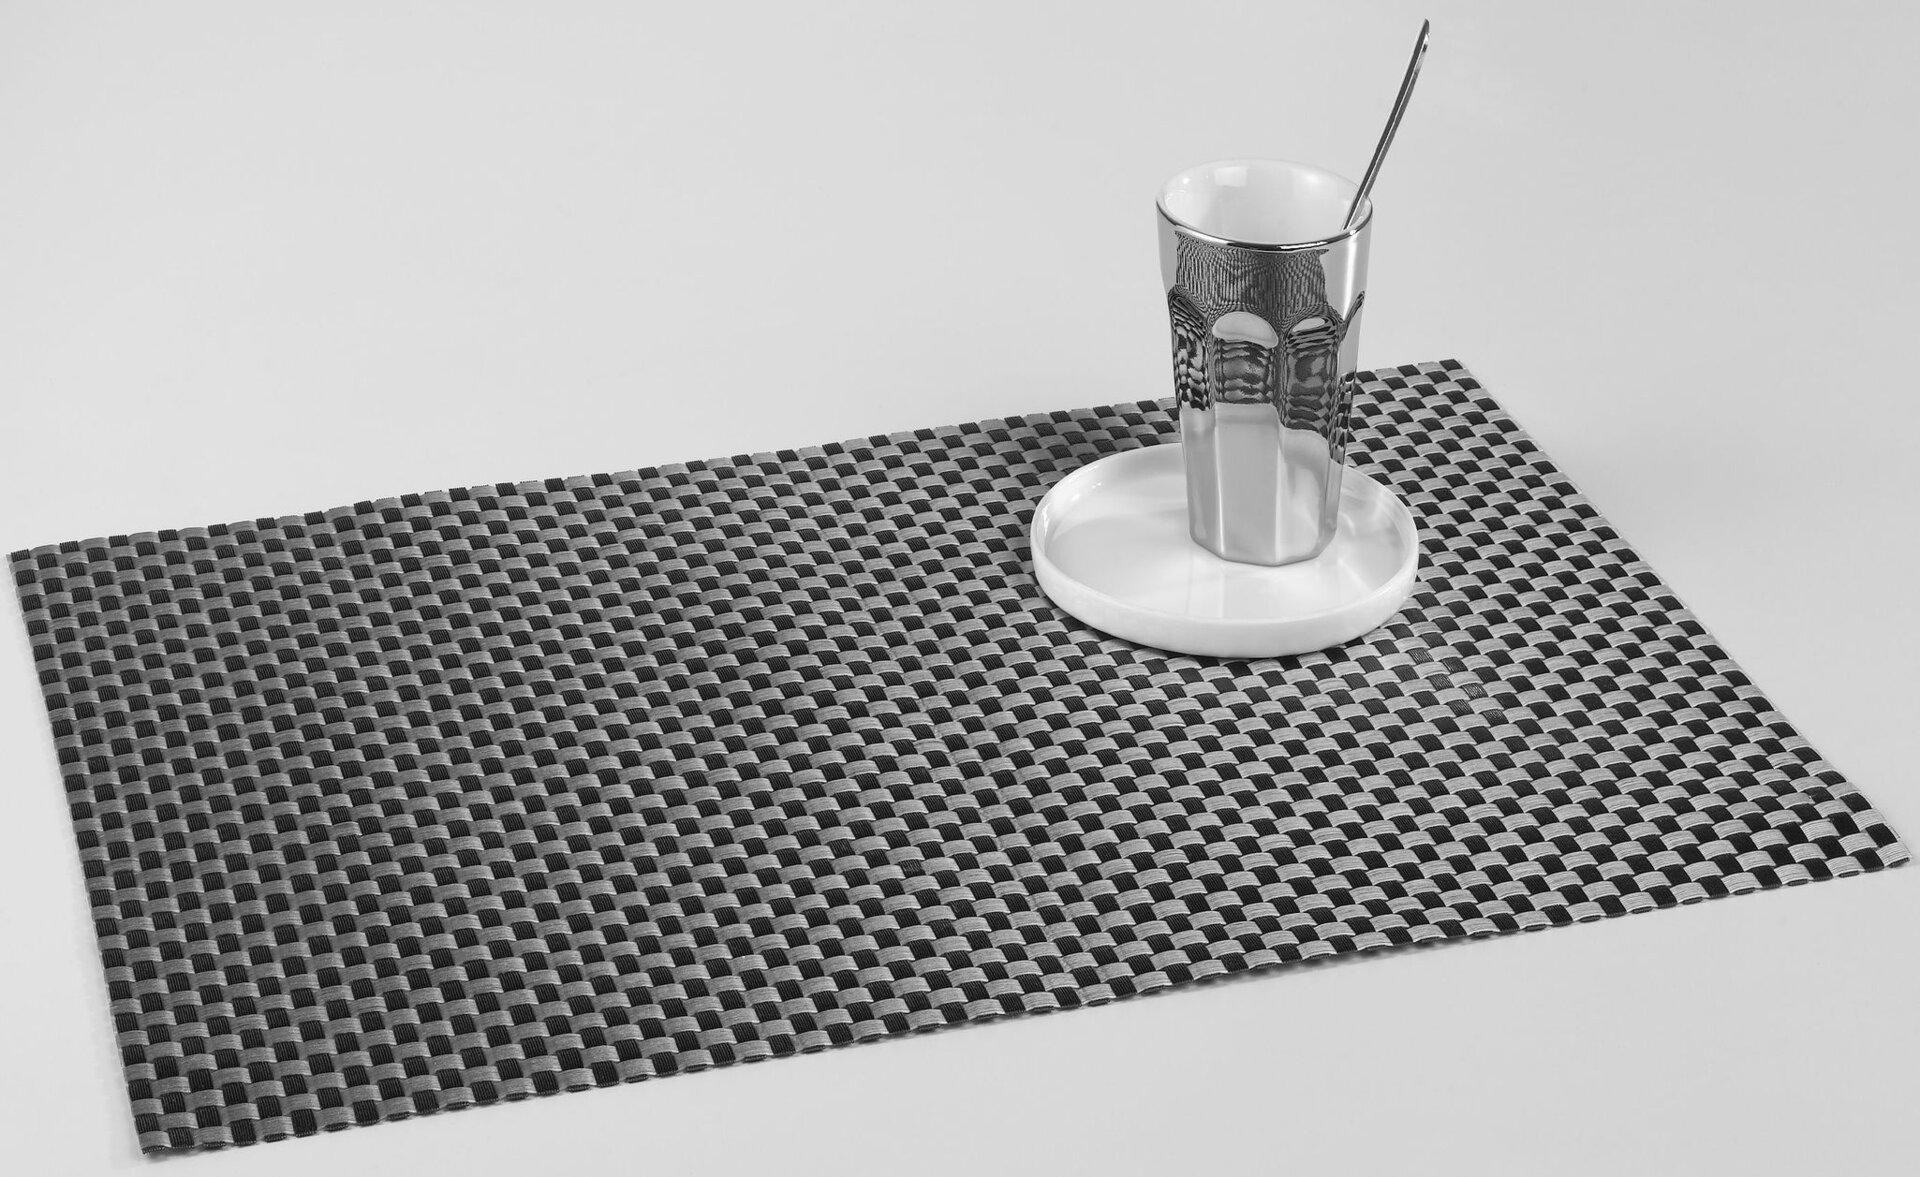 Tischset Casa Nova Kunststoff schwarz 45 x 30 cm